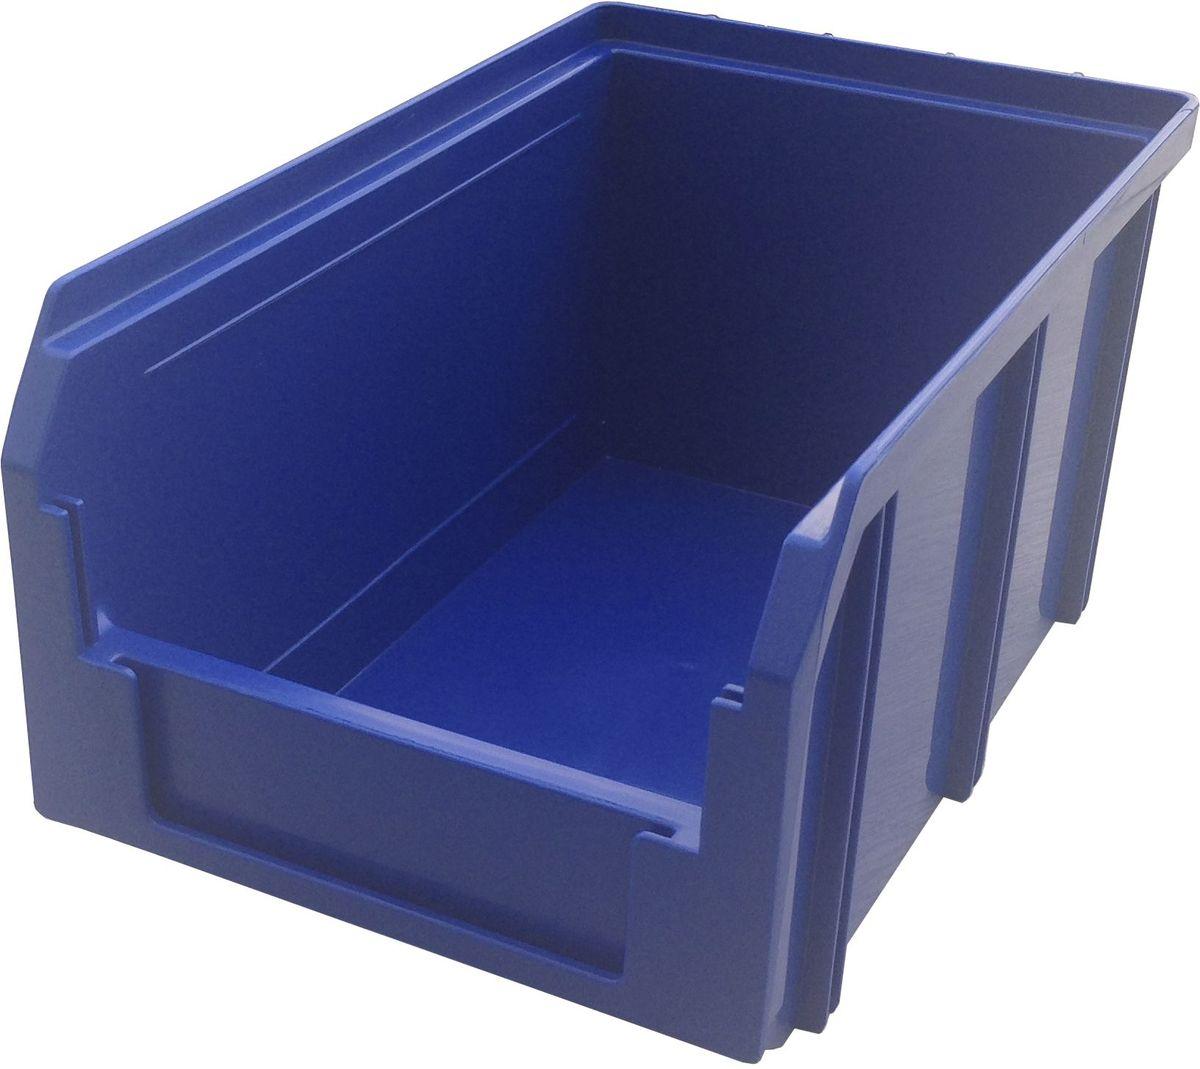 Ящик пластиковый Стелла V-2, цвет: синий, 12,1 х 14,9 х 23,4 смCA-3505Пластиковый ящик V-2 (234 х 149 х 121 мм) применяется на складах для организации мест хранения для различных мелочей, например: деталей, заготовок, комплектующих, крепежа, запчастей и многого другого. Ящик отличается высоким уровнем износостойкости, он полностью выполнен из ударопрочного материала - полипропилена. Для быстрой идентификации нужного ящика в передней стенке предусмотрен карман для ярлыка с описанием содержимого.Вес, кг: 0,30. Габариты, мм: 234 x 149 x 121. Объем 3,8 л. Возможность штабелирования контейнеров друг на друга. Удобные рукоятки. Наличие зацепа для размещения на стойке.